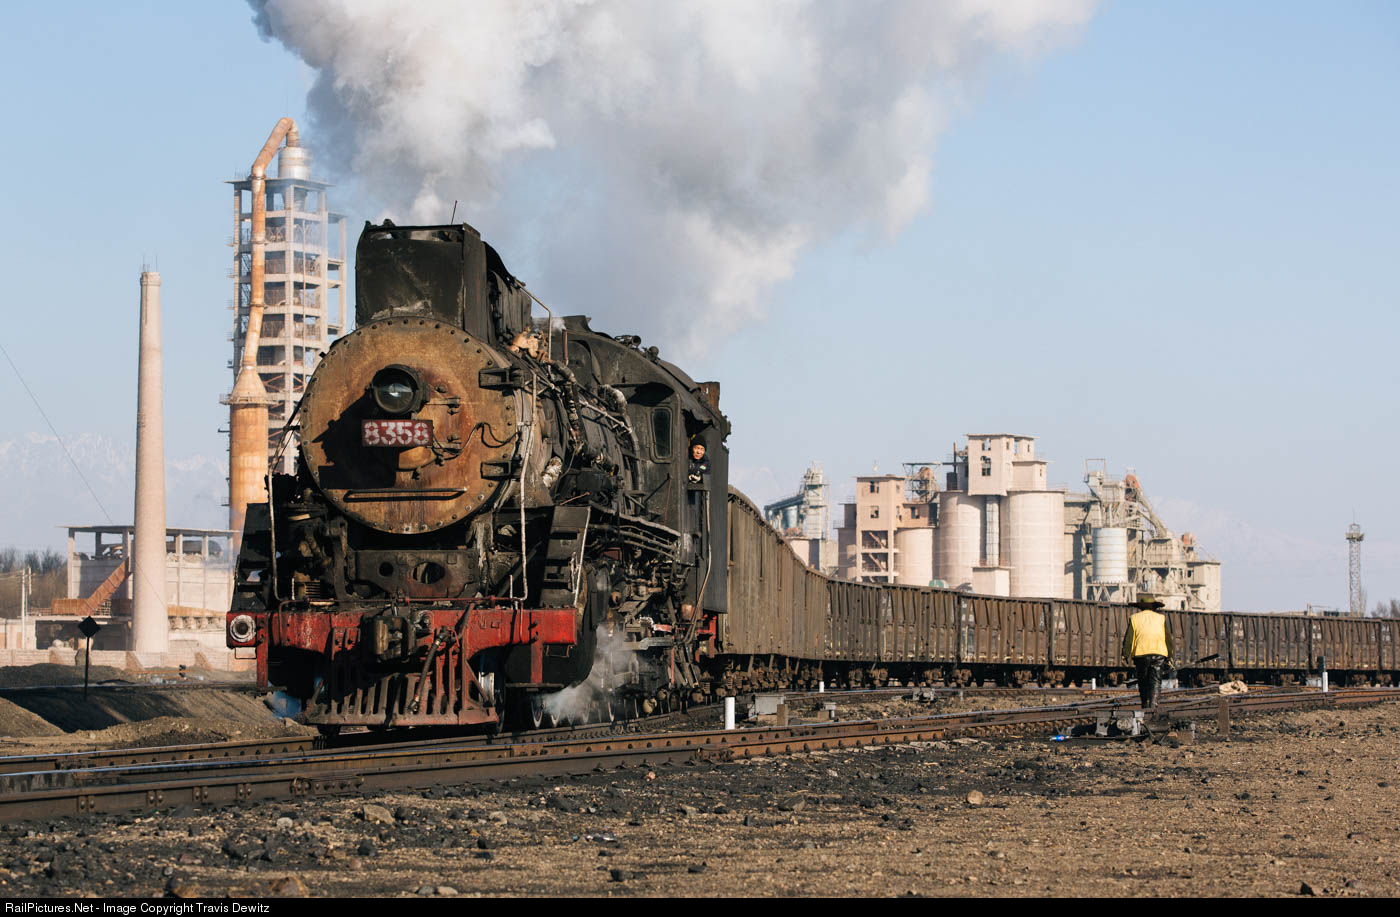 这是哪条线上的火车?